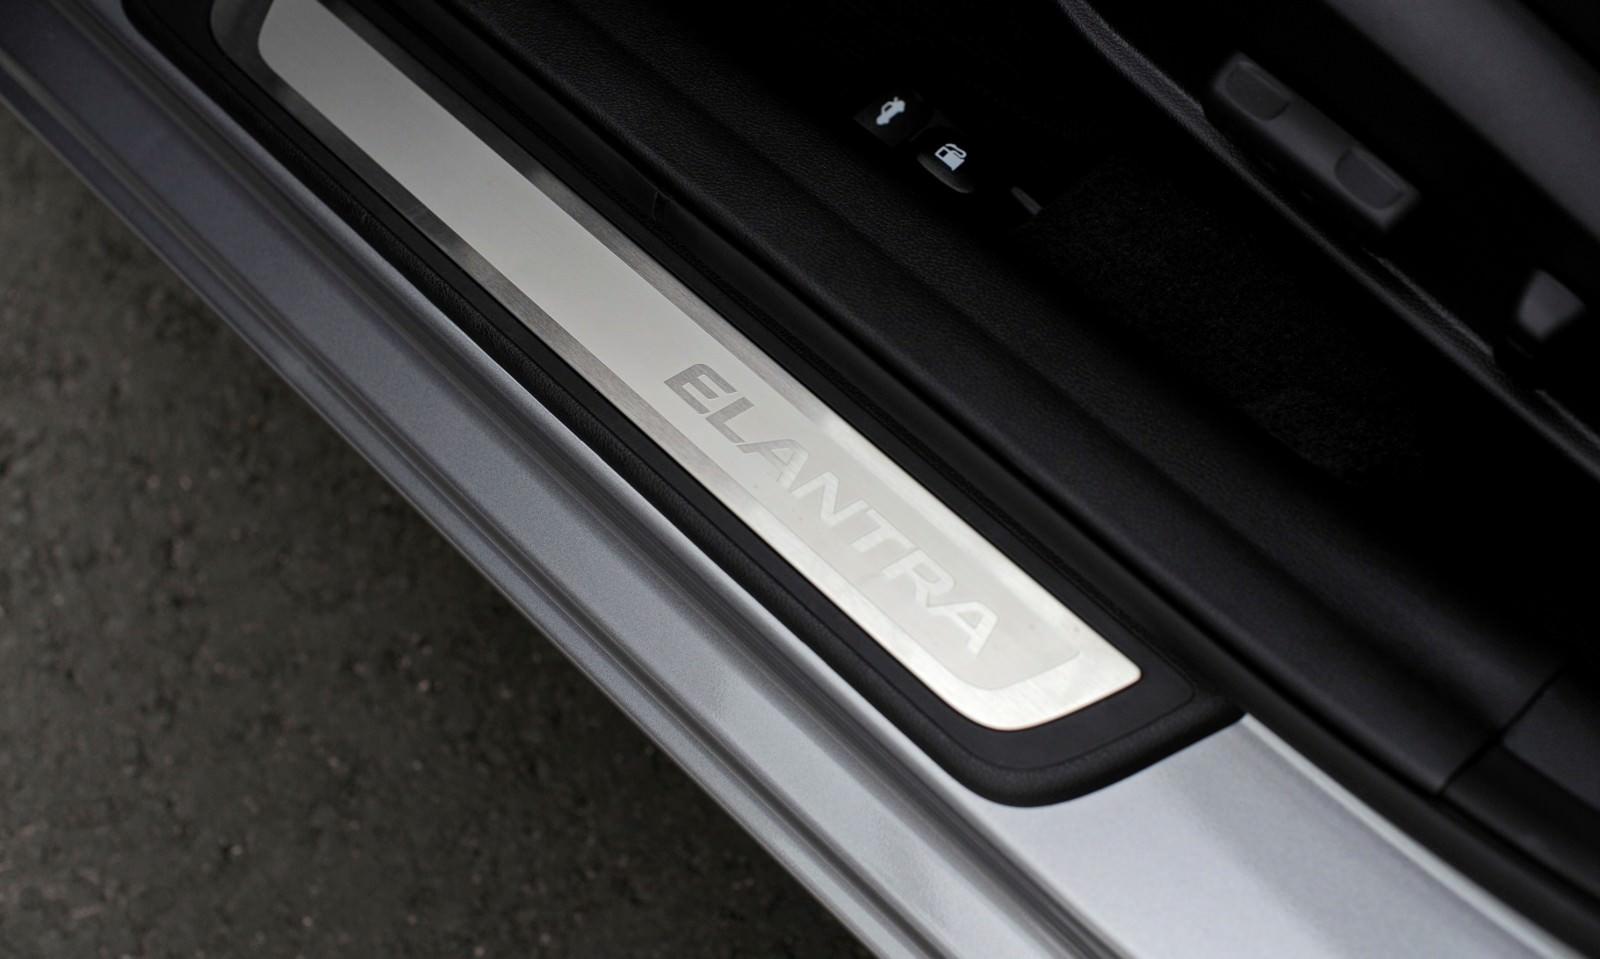 2015 Hyundai Elantra Sedan Brings Classy LED and Tech Updates  39